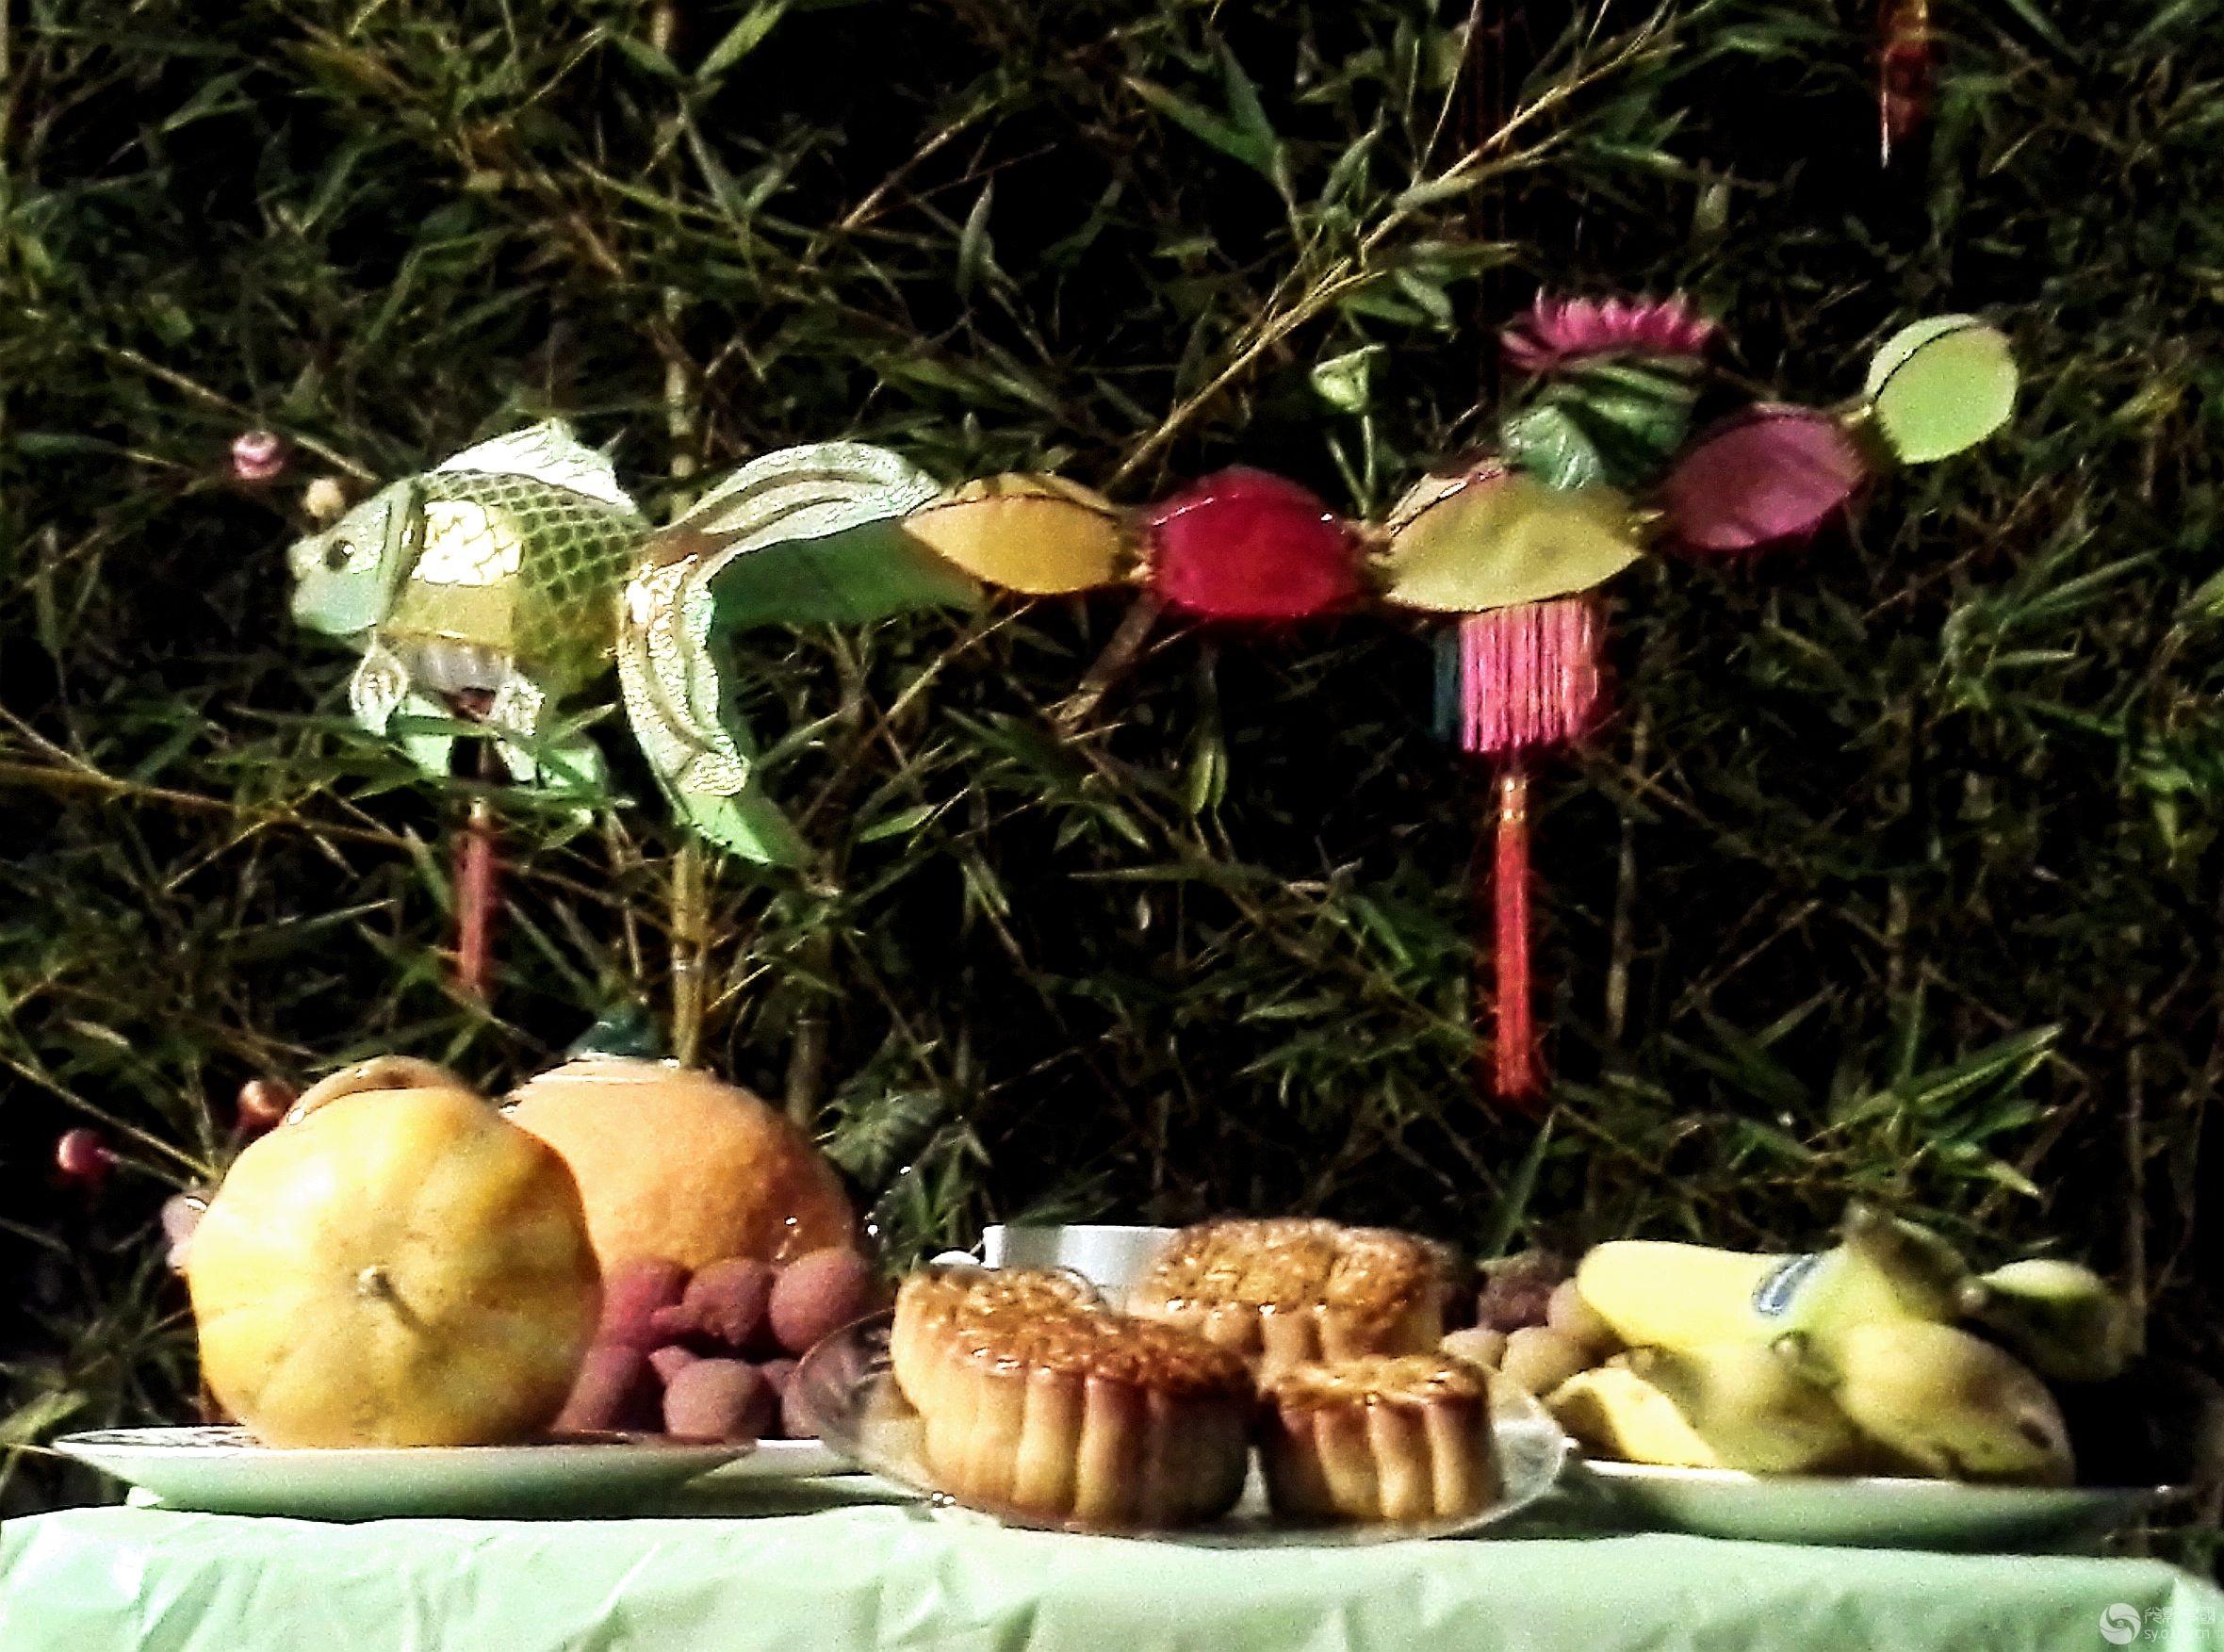 蜜桃,枣子等等,还有广州近郊畔塘特产莲藕,荸荠,菱角,芋头,落花生,炒